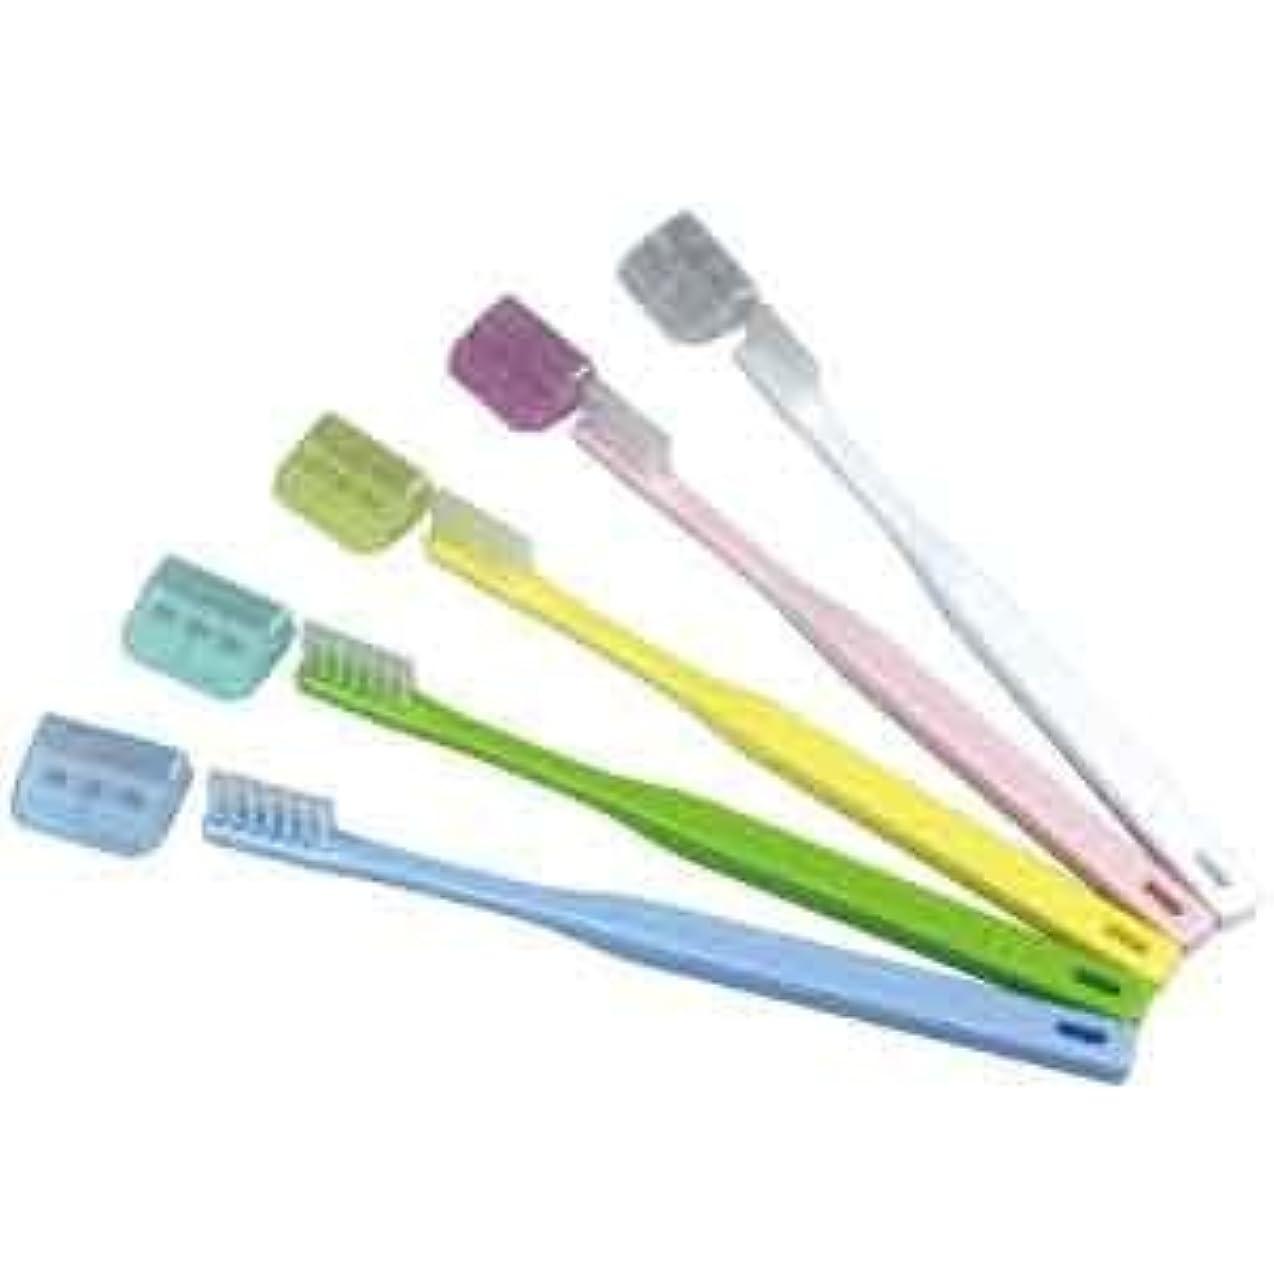 モルヒネトピック提案V-7 歯ブラシ ふつう レギュラーヘッド/10本入り